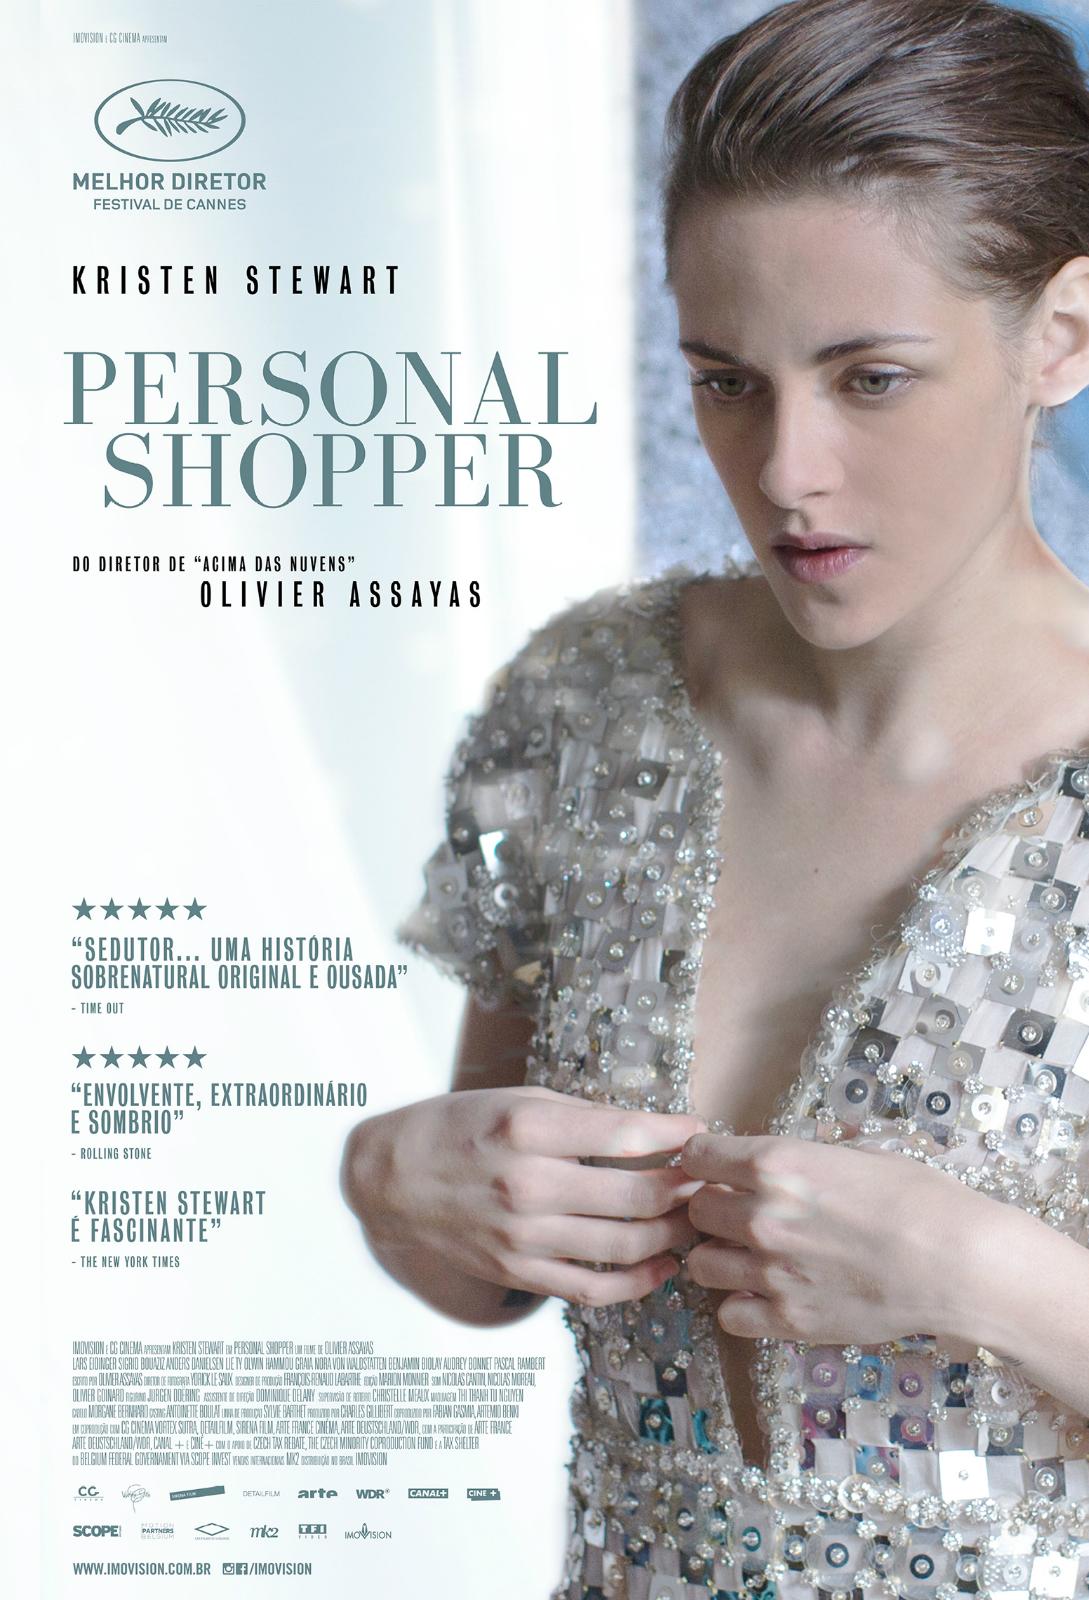 Crítica | Personal Shopper, o que os olhos podem ver